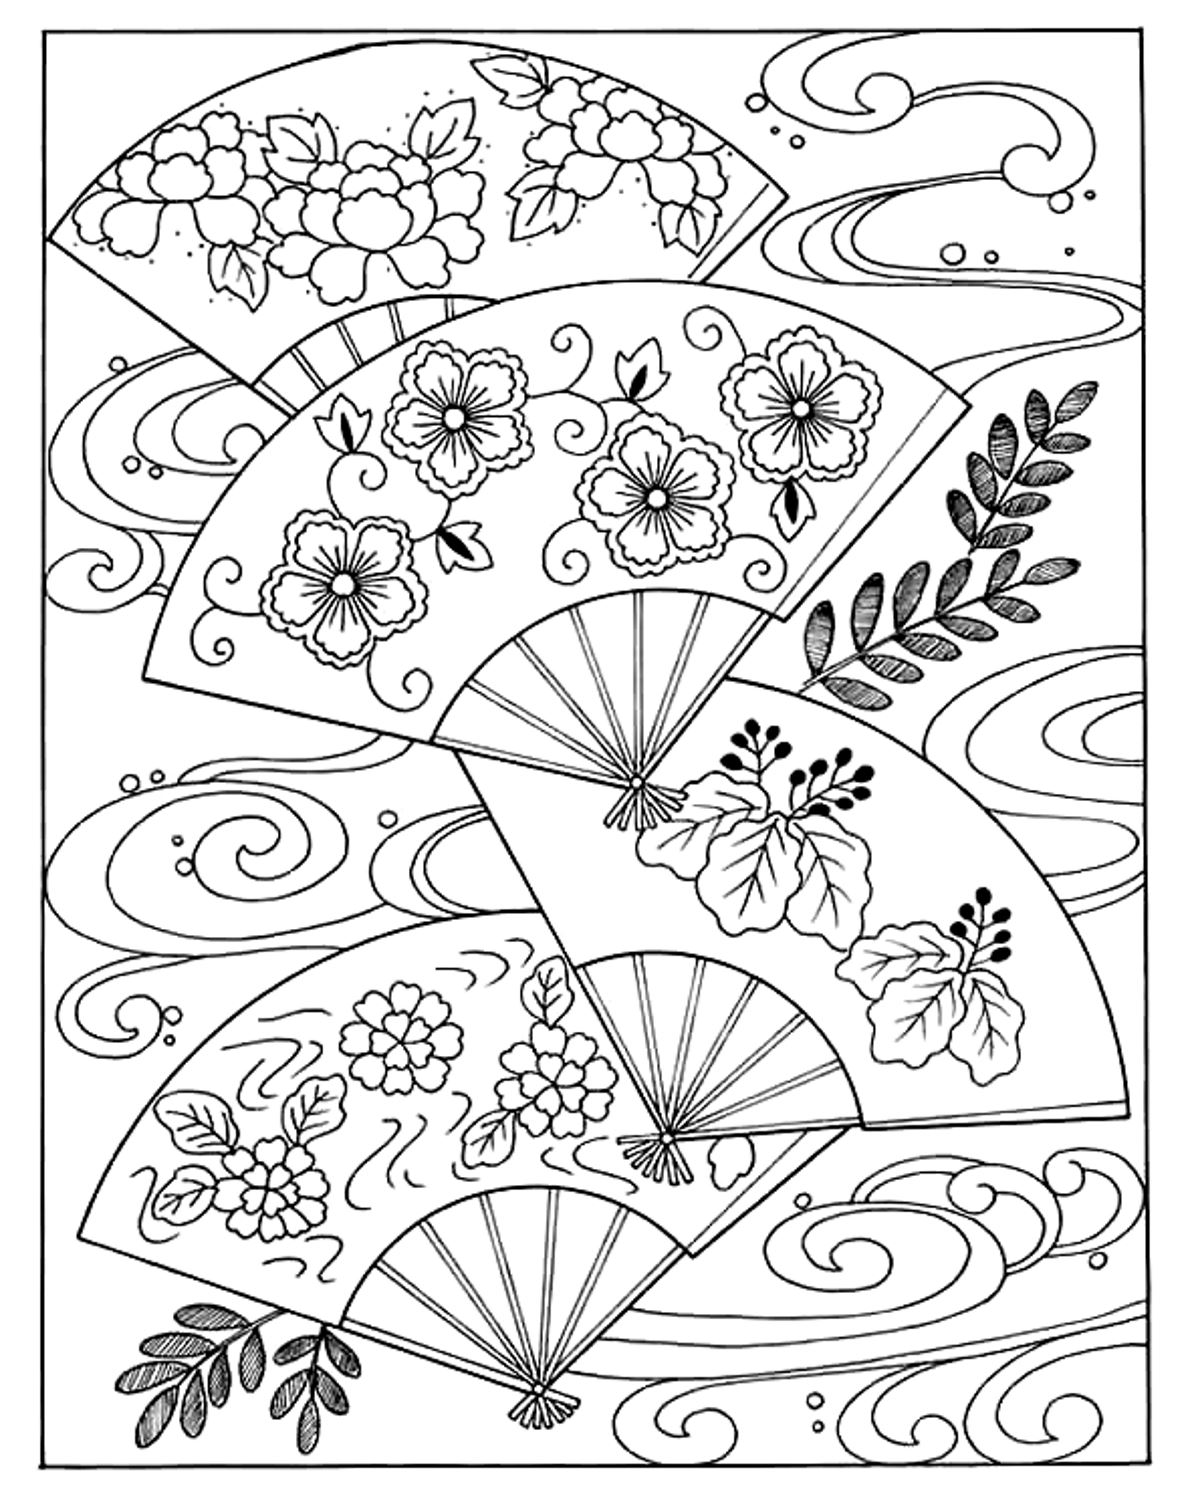 Colorear para adultos : Japón - 24 - Esta imagen contiene : Ventilador